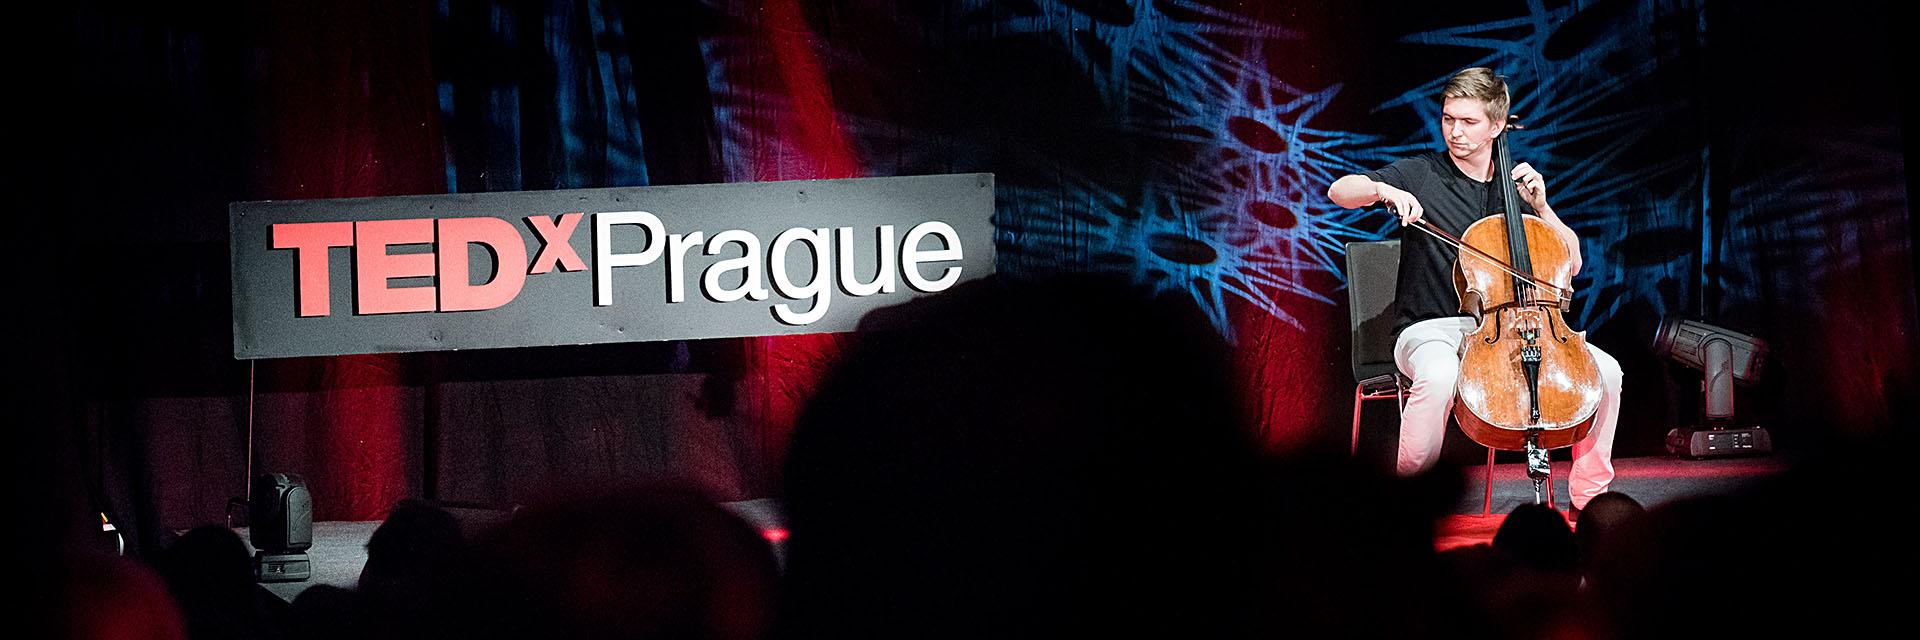 reportážní fotografování / fotograf Vojtěch Pavelčík / TEDx Prague